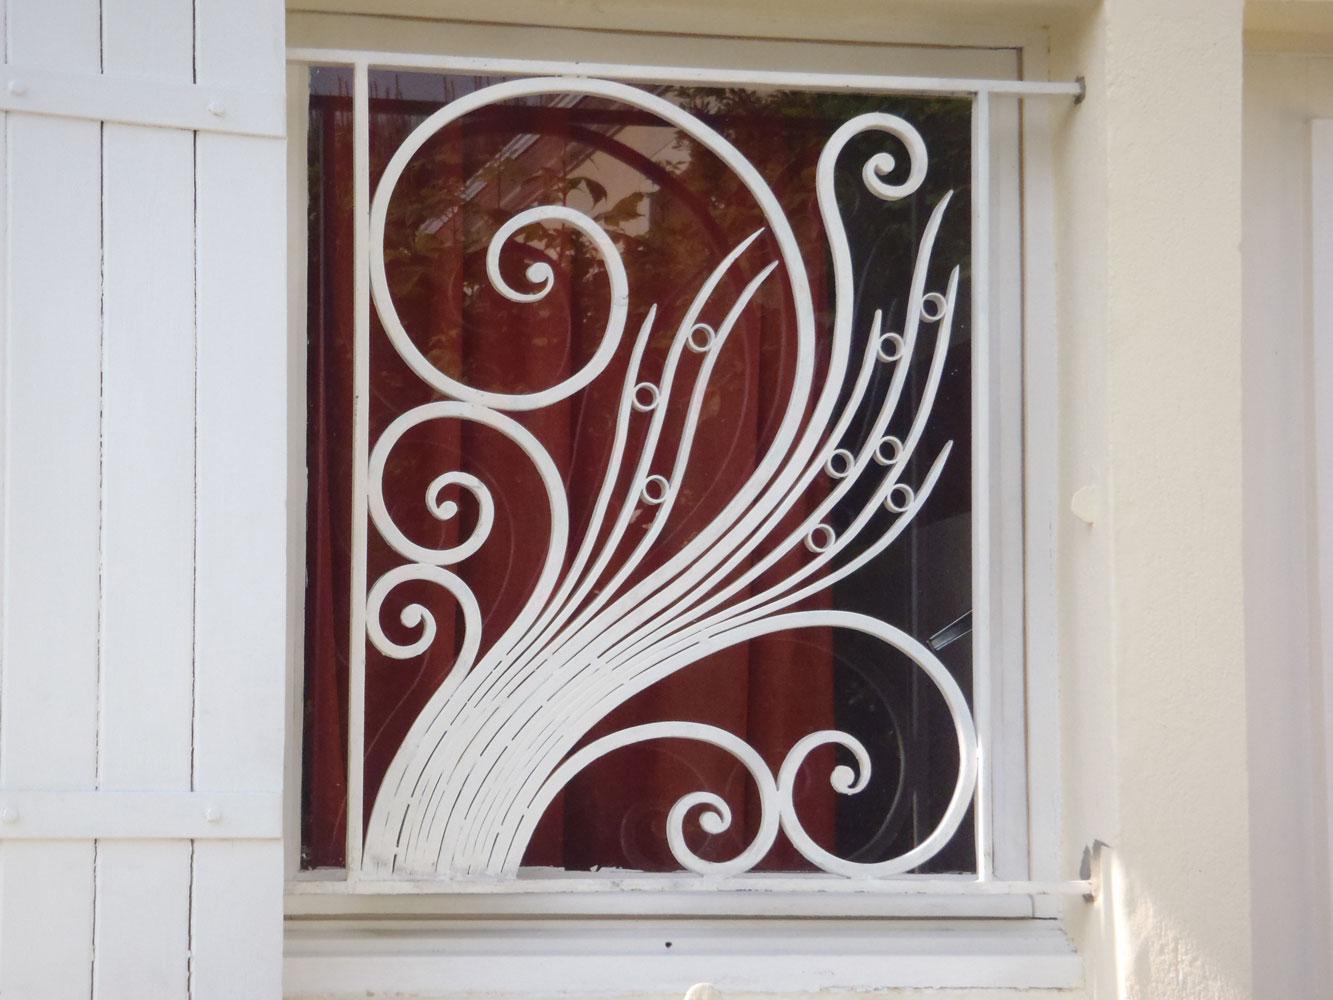 ferronnerie d 39 art atelier fer emeraude bordeaux portail porte grille gironde aquitaine. Black Bedroom Furniture Sets. Home Design Ideas